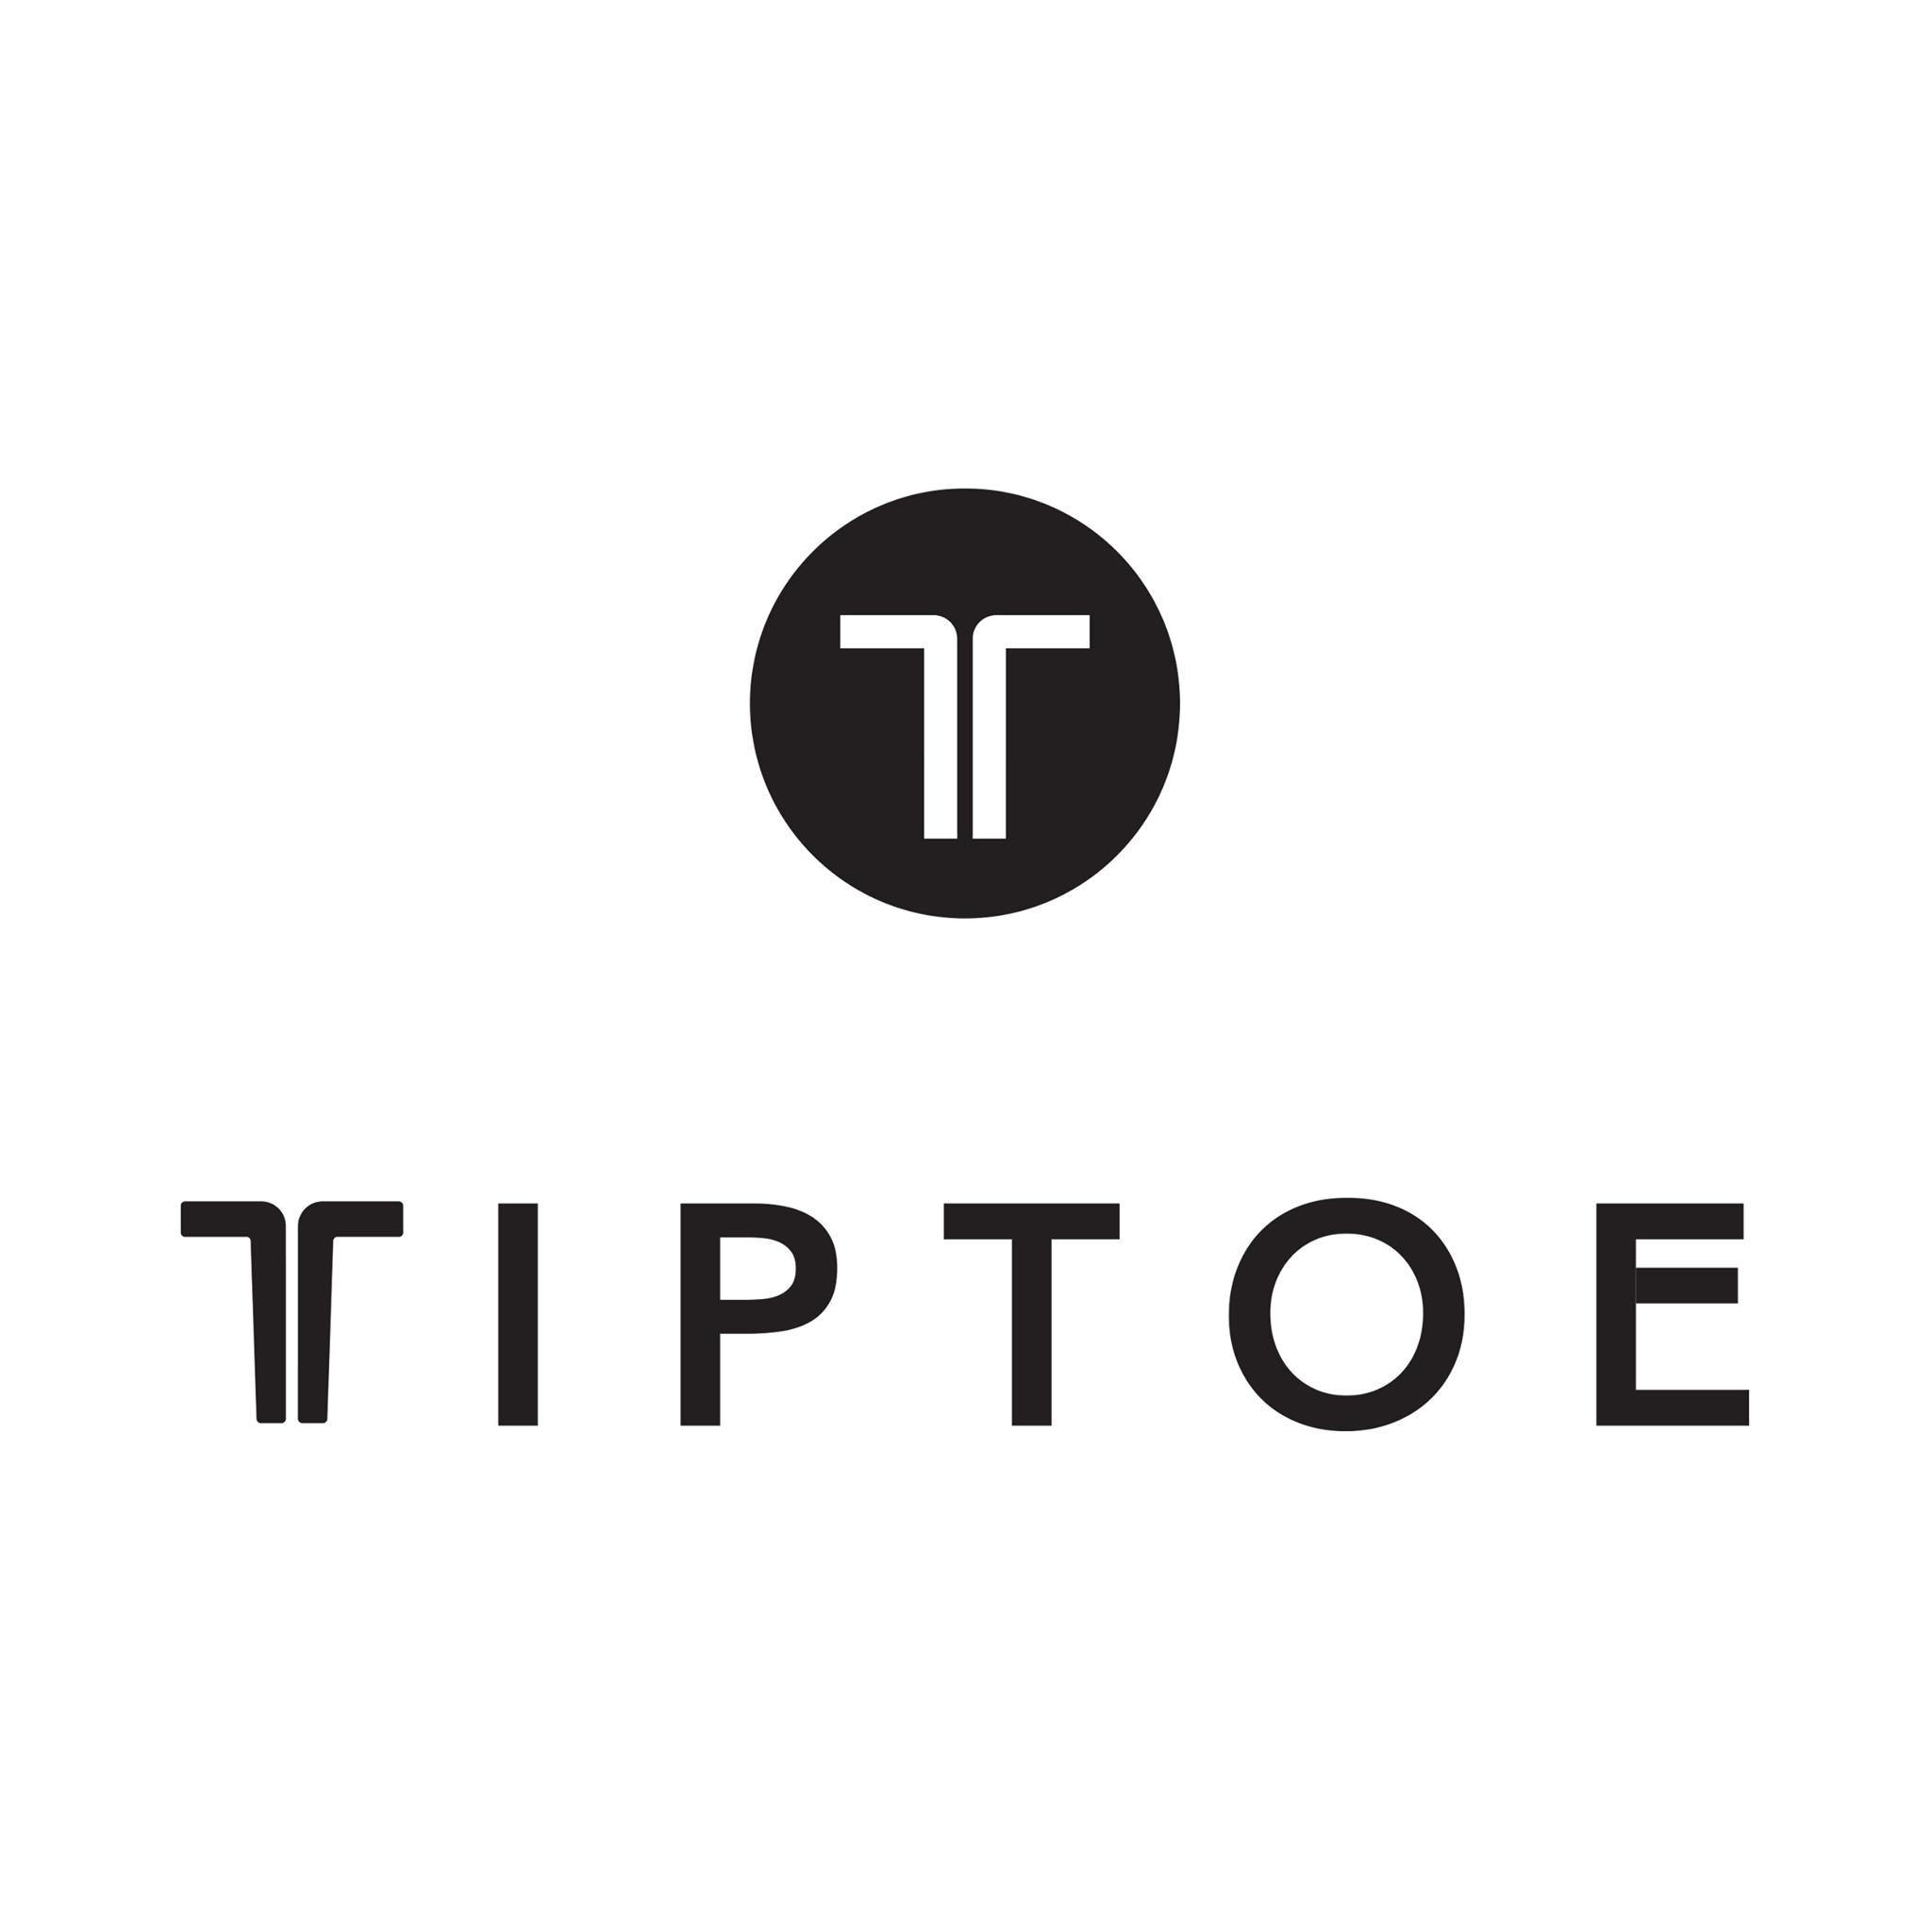 TIPTOElogo.png